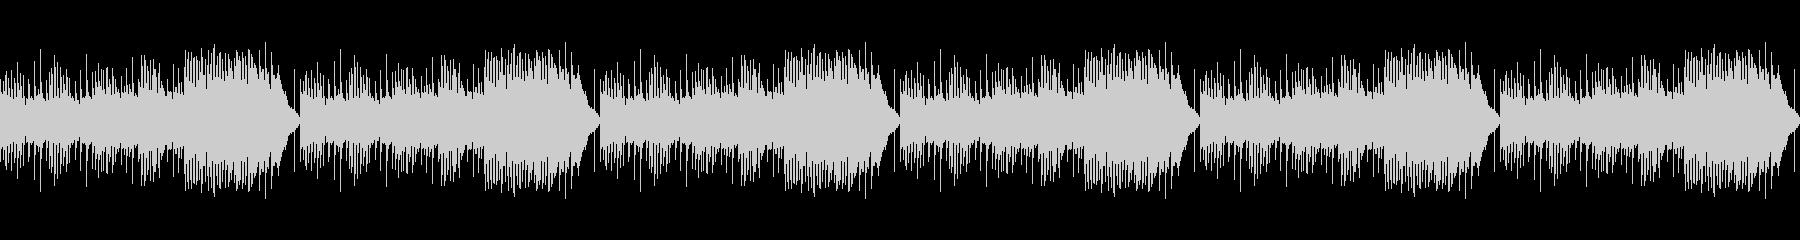 【ループ再生】不思議で可愛いBGMの未再生の波形